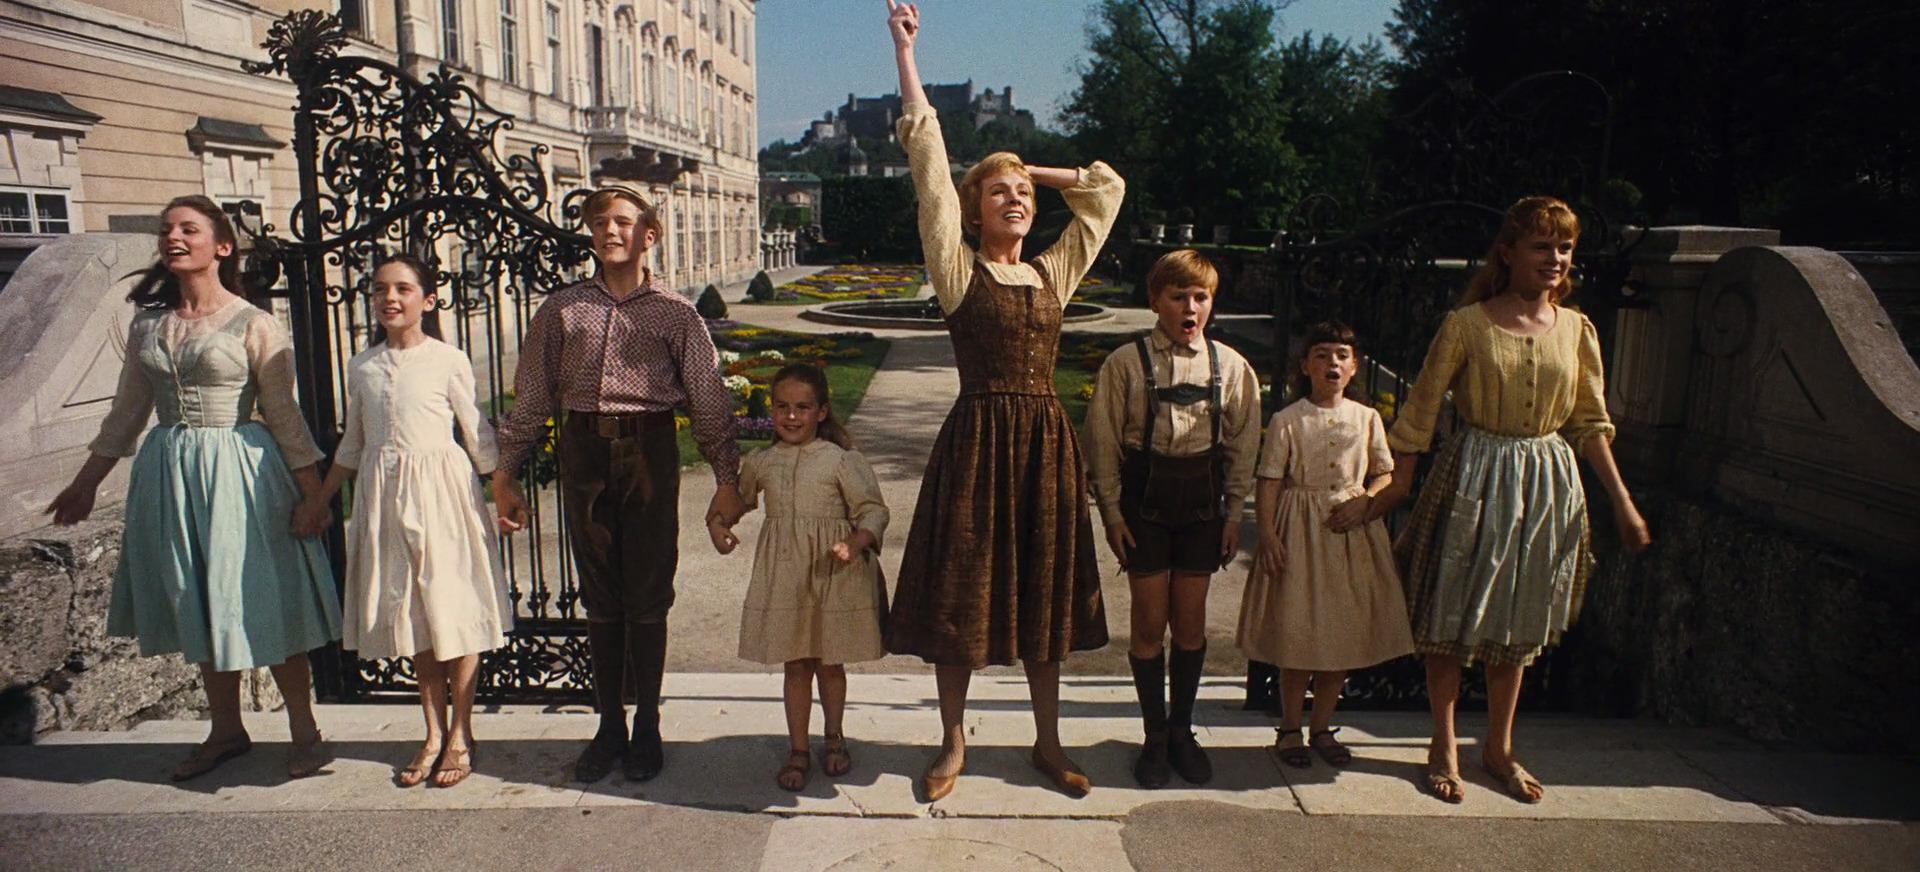 sound film screencaps 1965 films enter